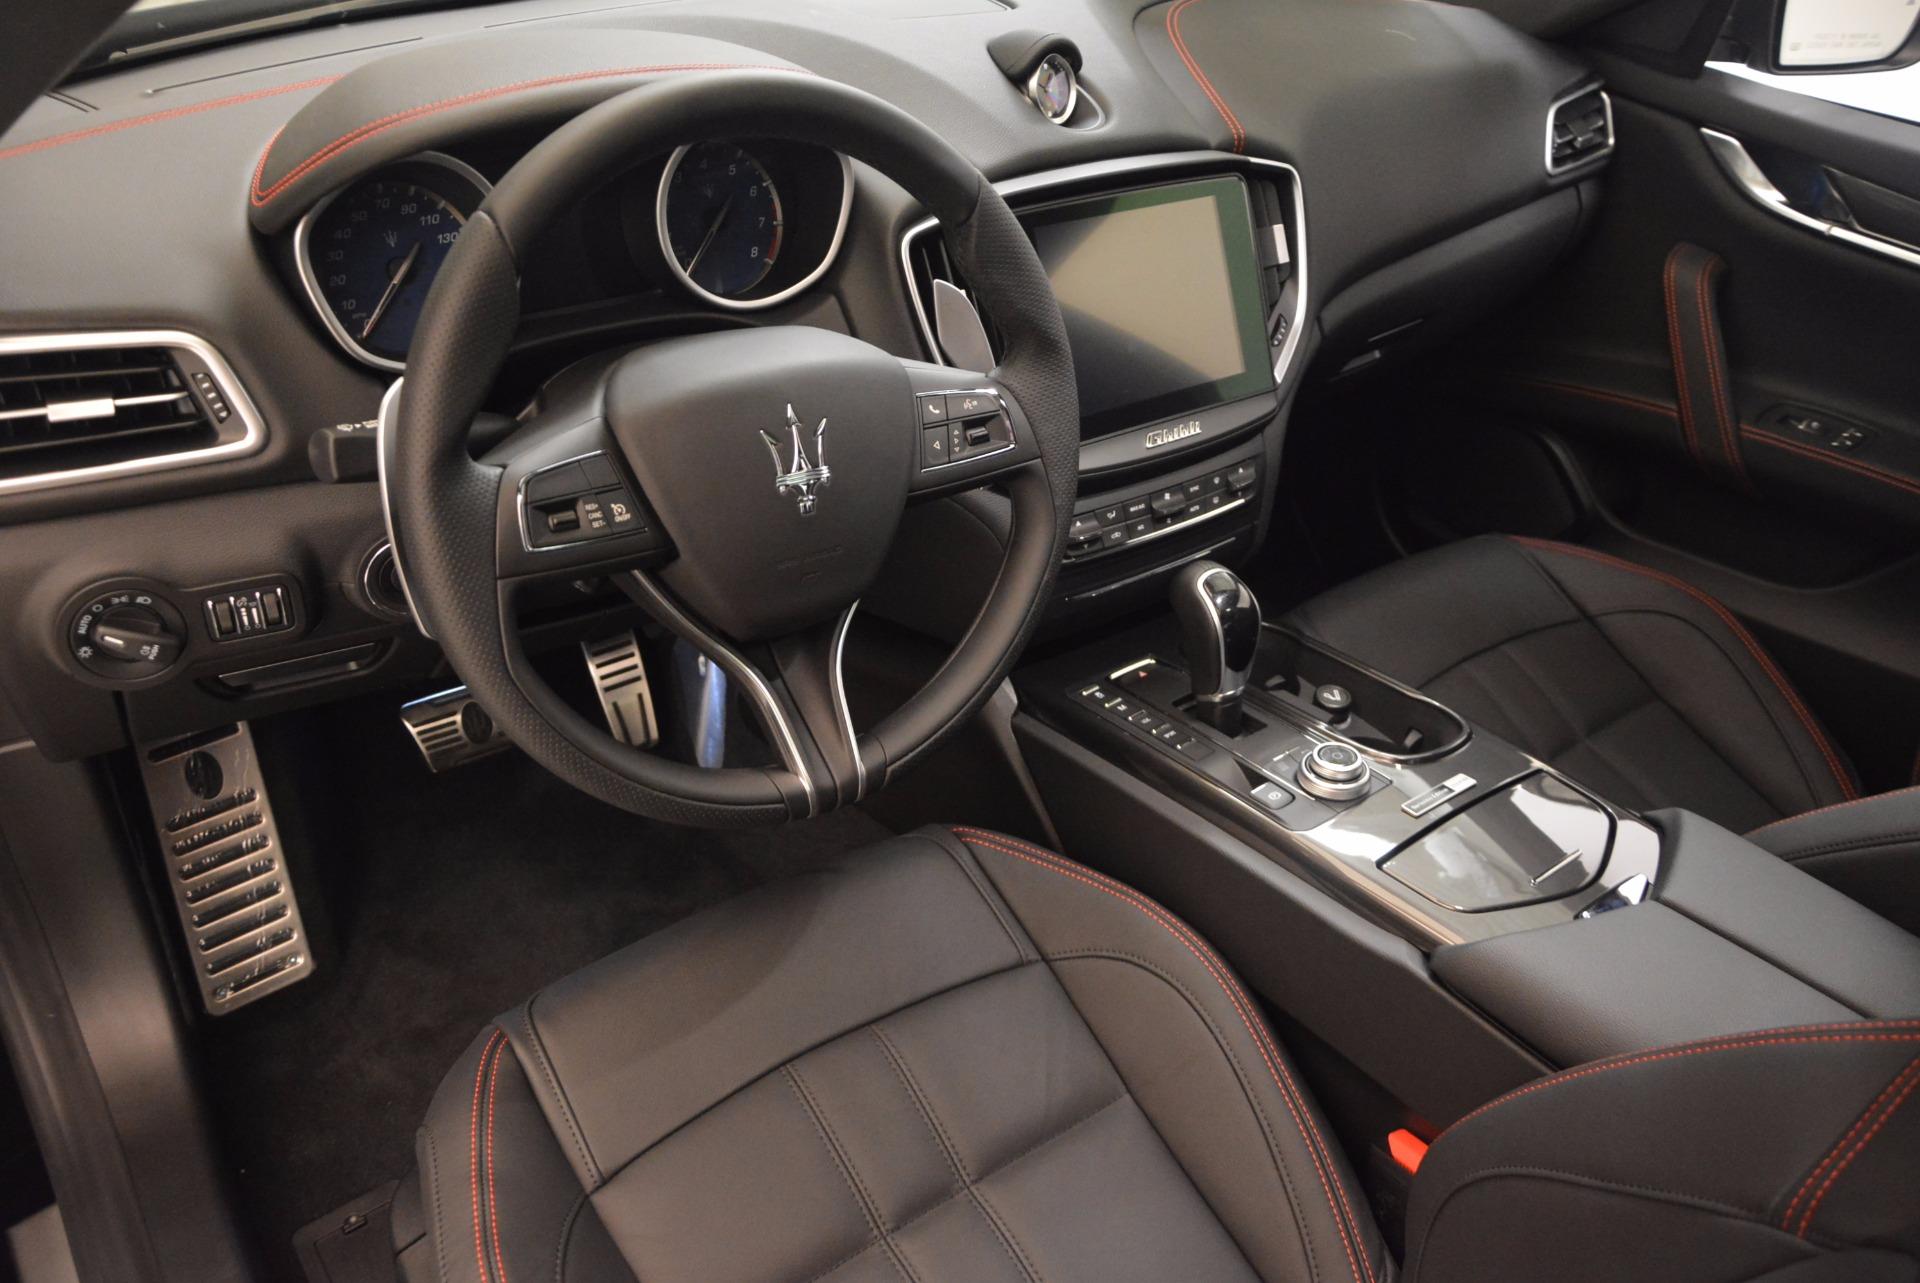 New 2017 Maserati Ghibli SQ4 S Q4 Nerissimo Edition For Sale In Greenwich, CT 1334_p13